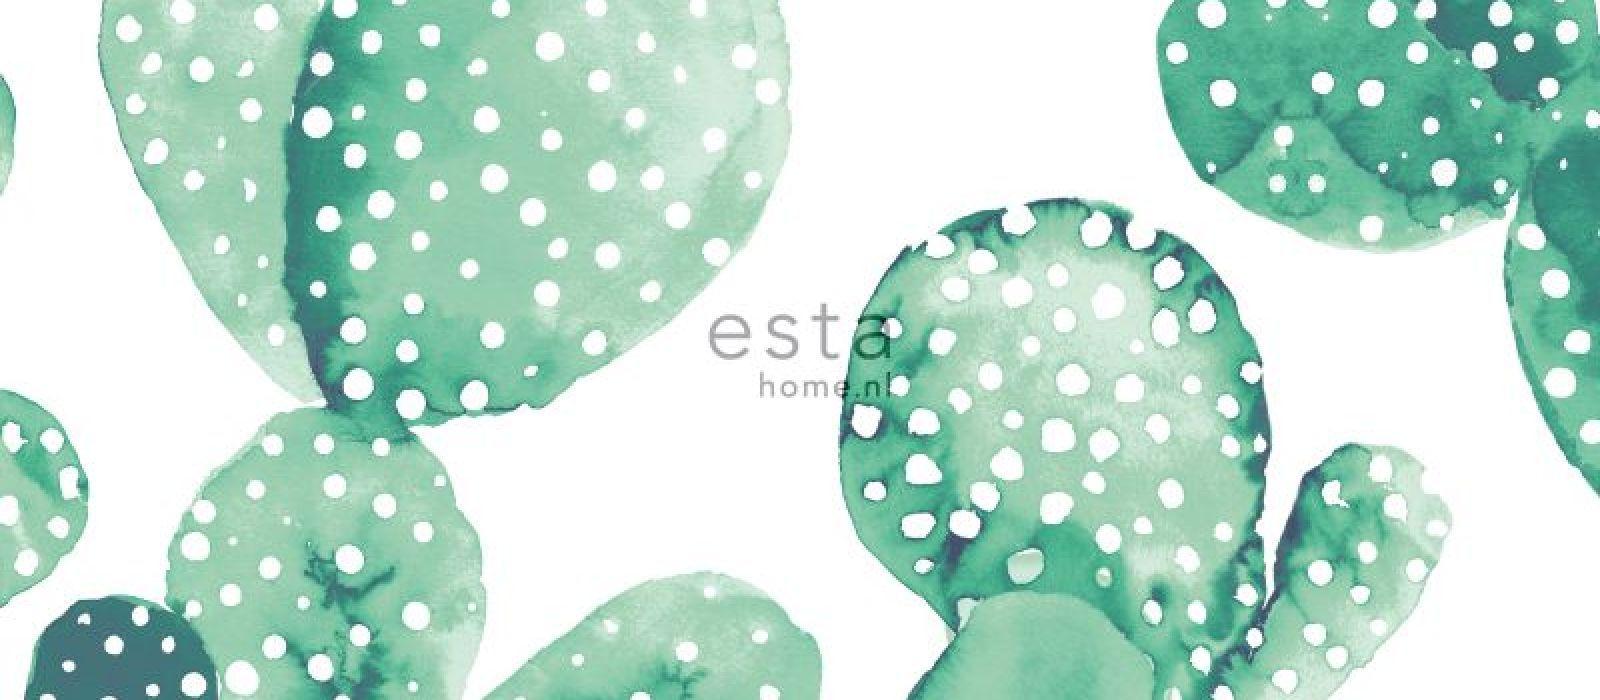 Greenhouse- mallisto tuo kasvihuoneen seinille. Mallisto on syntynyt luonnon innoittamana ja se sisältää siroja lehtiä ja kukkasia, leikkisiä kaktuksia, herkkiä höyheniä ja ihania skandinaavisia puunrunkoja. Mallisto on täynnä kasvien voimaa, joka on myös kasvamassa todelliseksi trendiksi sisustuksessa. Esta Home-brändille tyypillinen design ja värimaailma tuovat sisustukseen tyyliä.  Tapetin rullakoko 0,53 x 10,05 m. Tapetissa on vuorokohdistus 26,5 cm